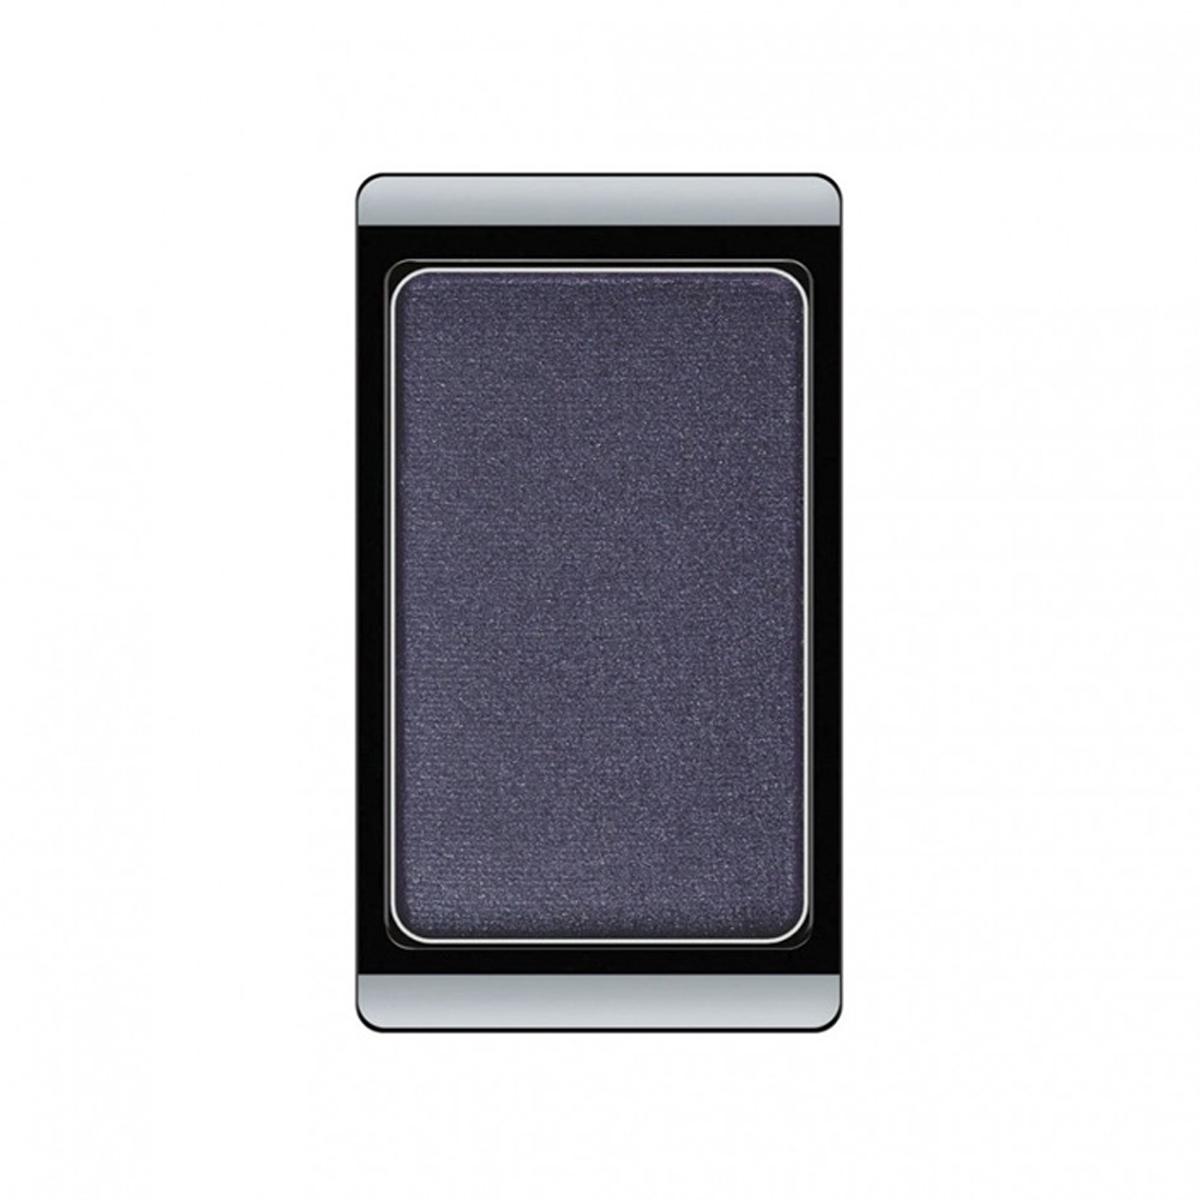 Artdeco Тени для век, перламутровые, 1 цвет, тон №80, 0,8 г artdeco тени для век матовые 1 цвет тон 514 0 8 г